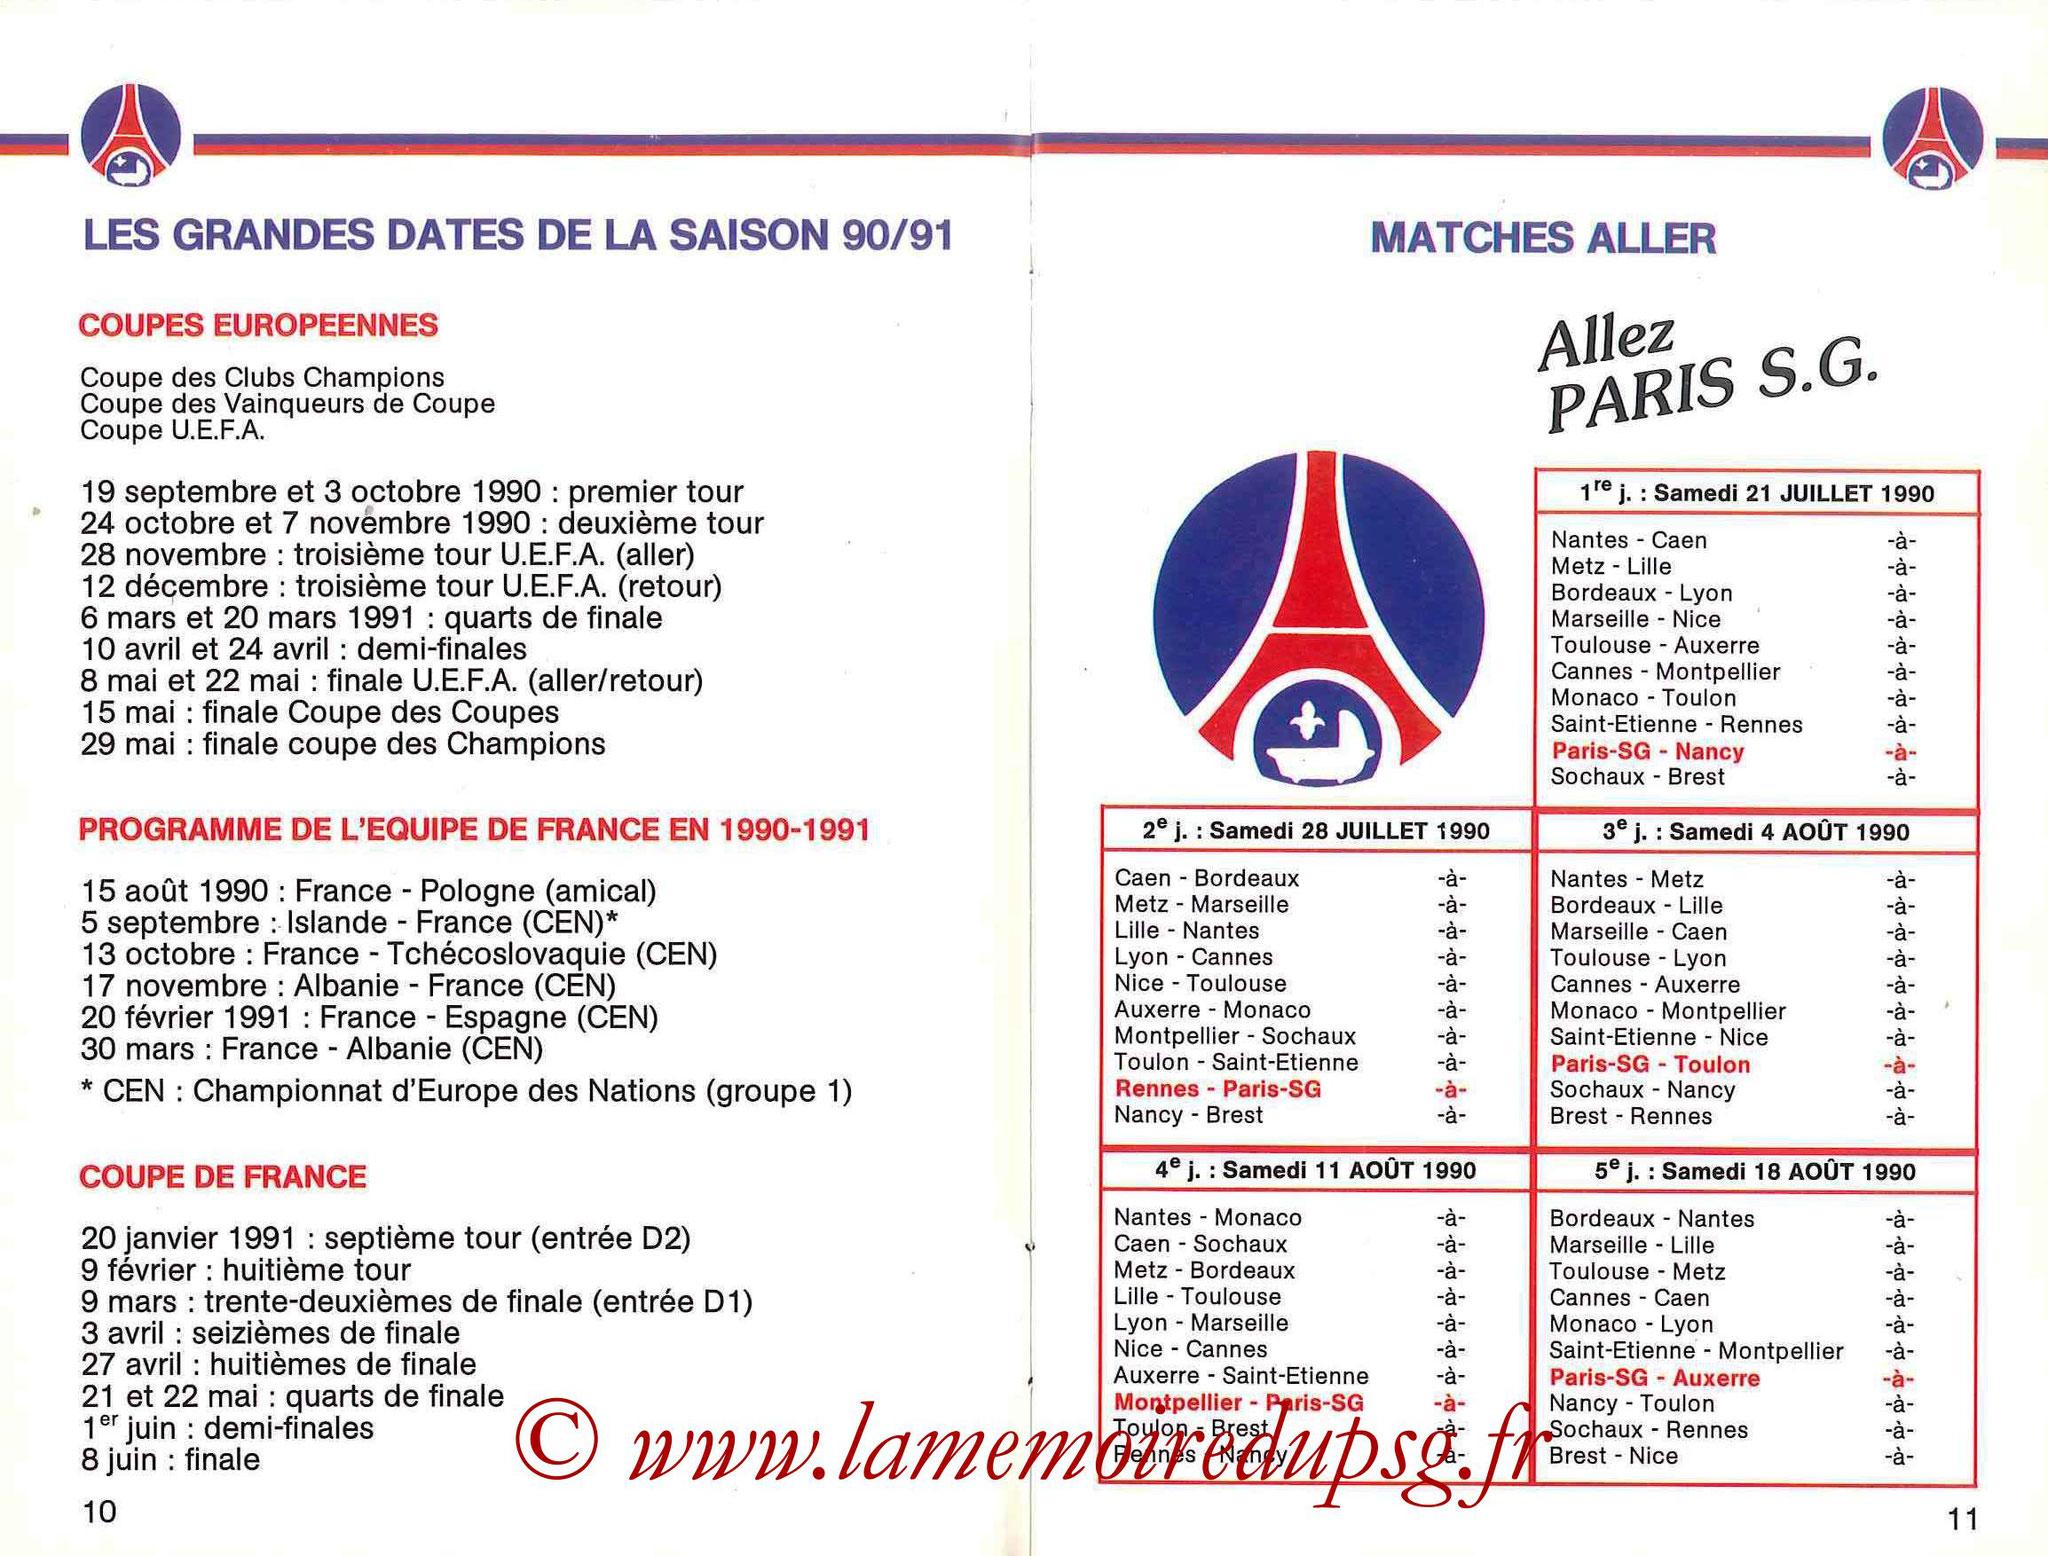 1990-91 - Guide de la Saison PSG - Pages 10 et 11